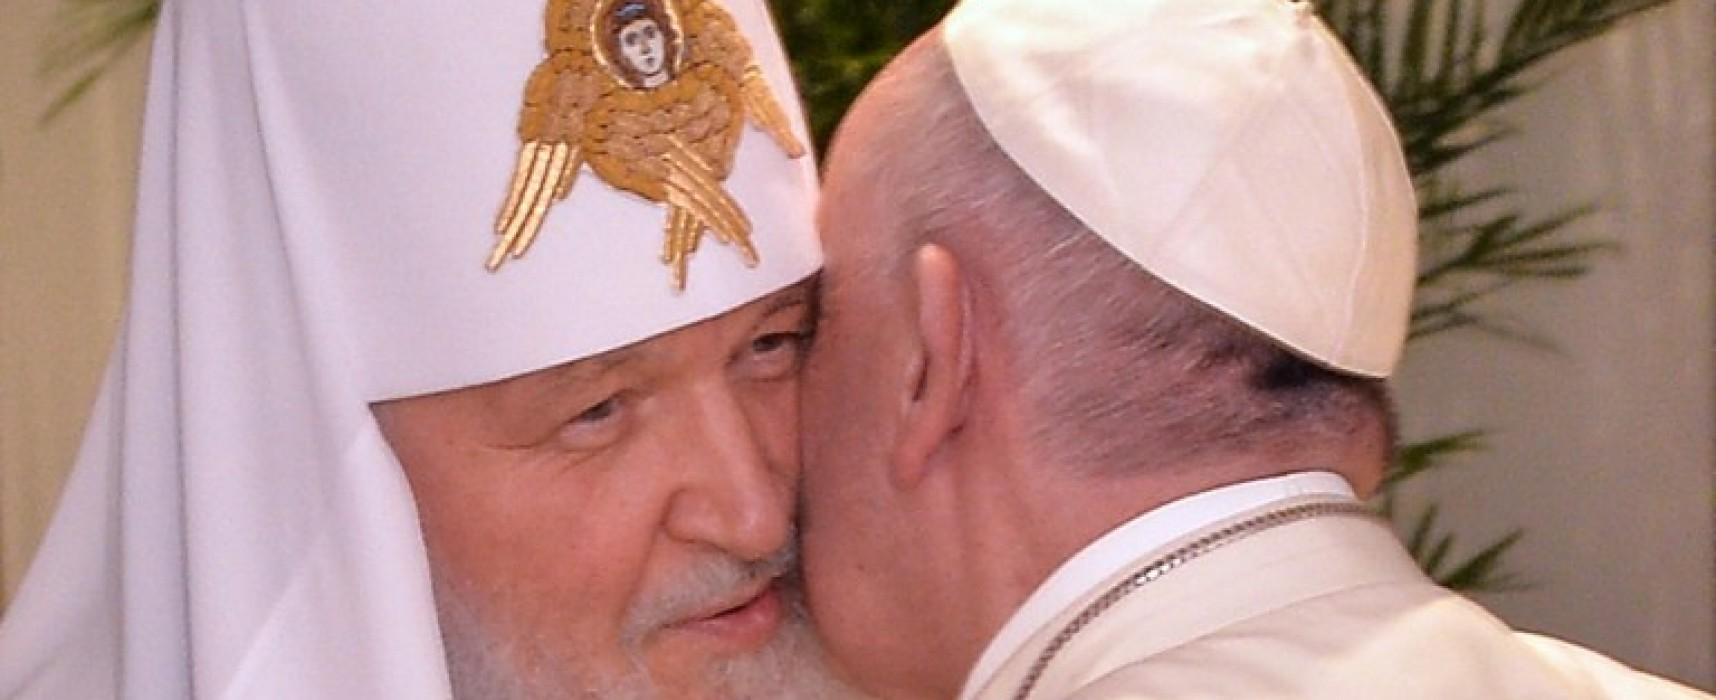 Comité Ukraine: Le pape est-il allé à La Havane ou à Canossa ?